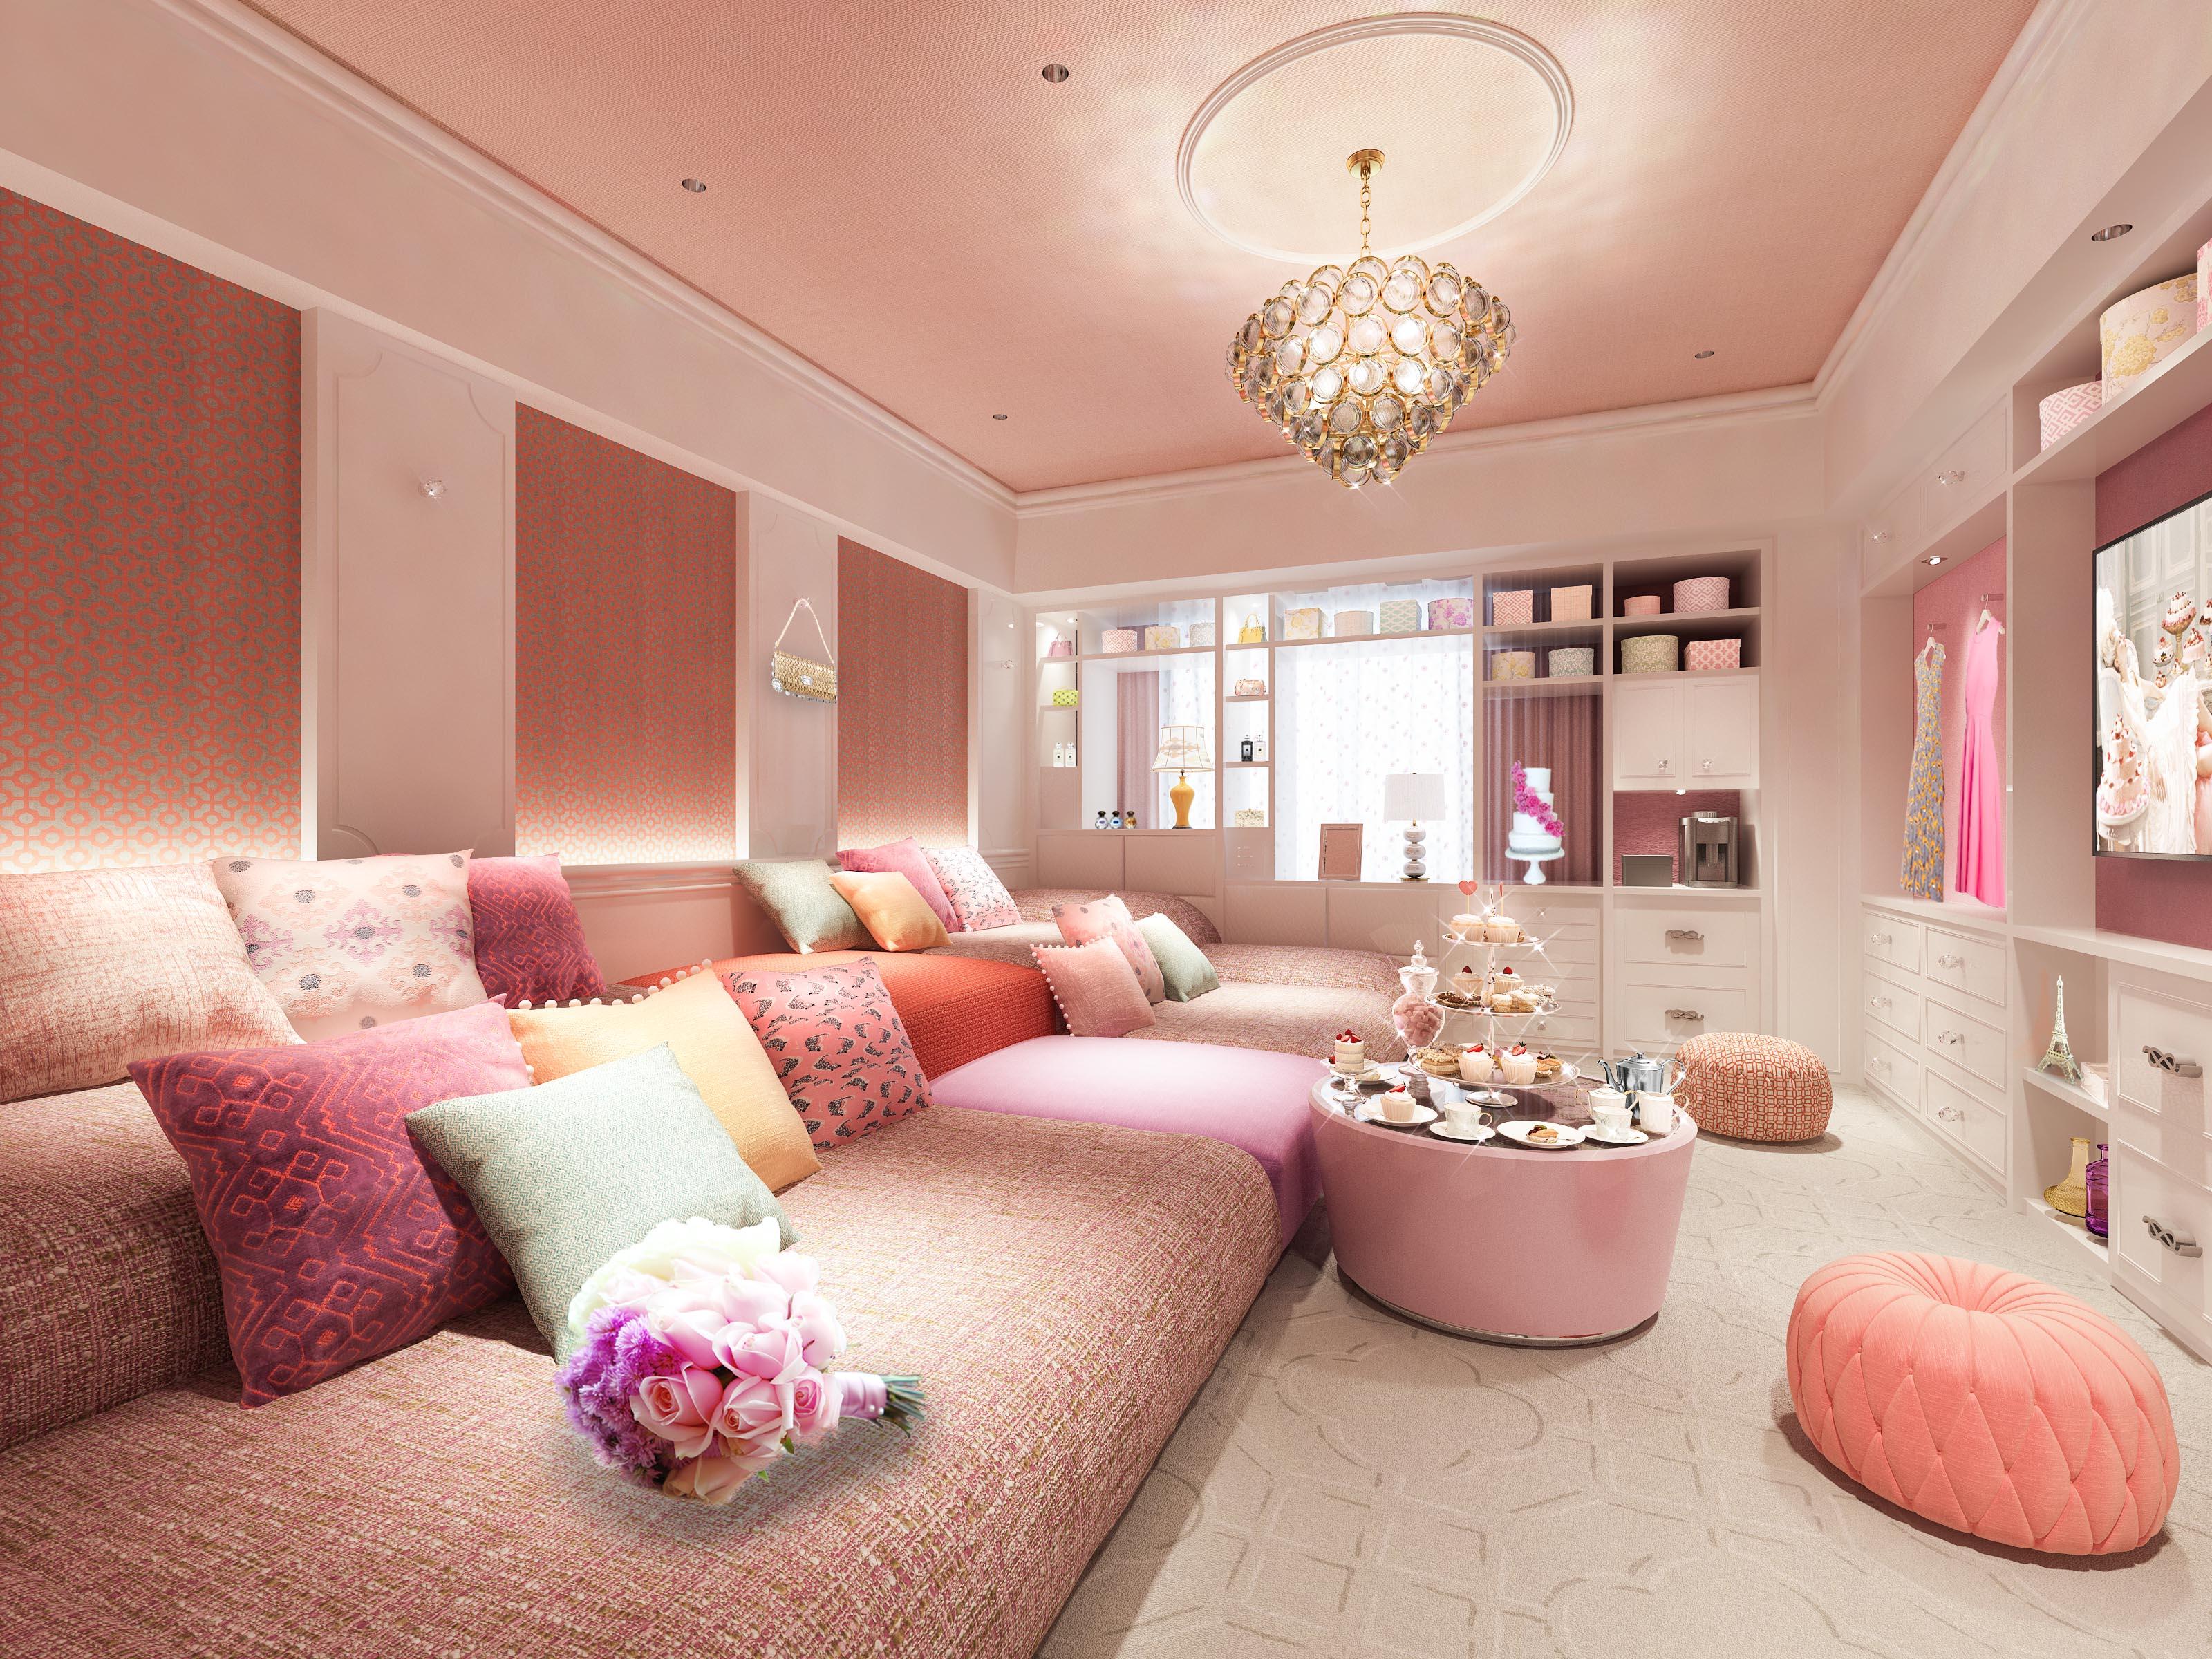 日本各地のかわいいホテル Photo Gallery_1_1